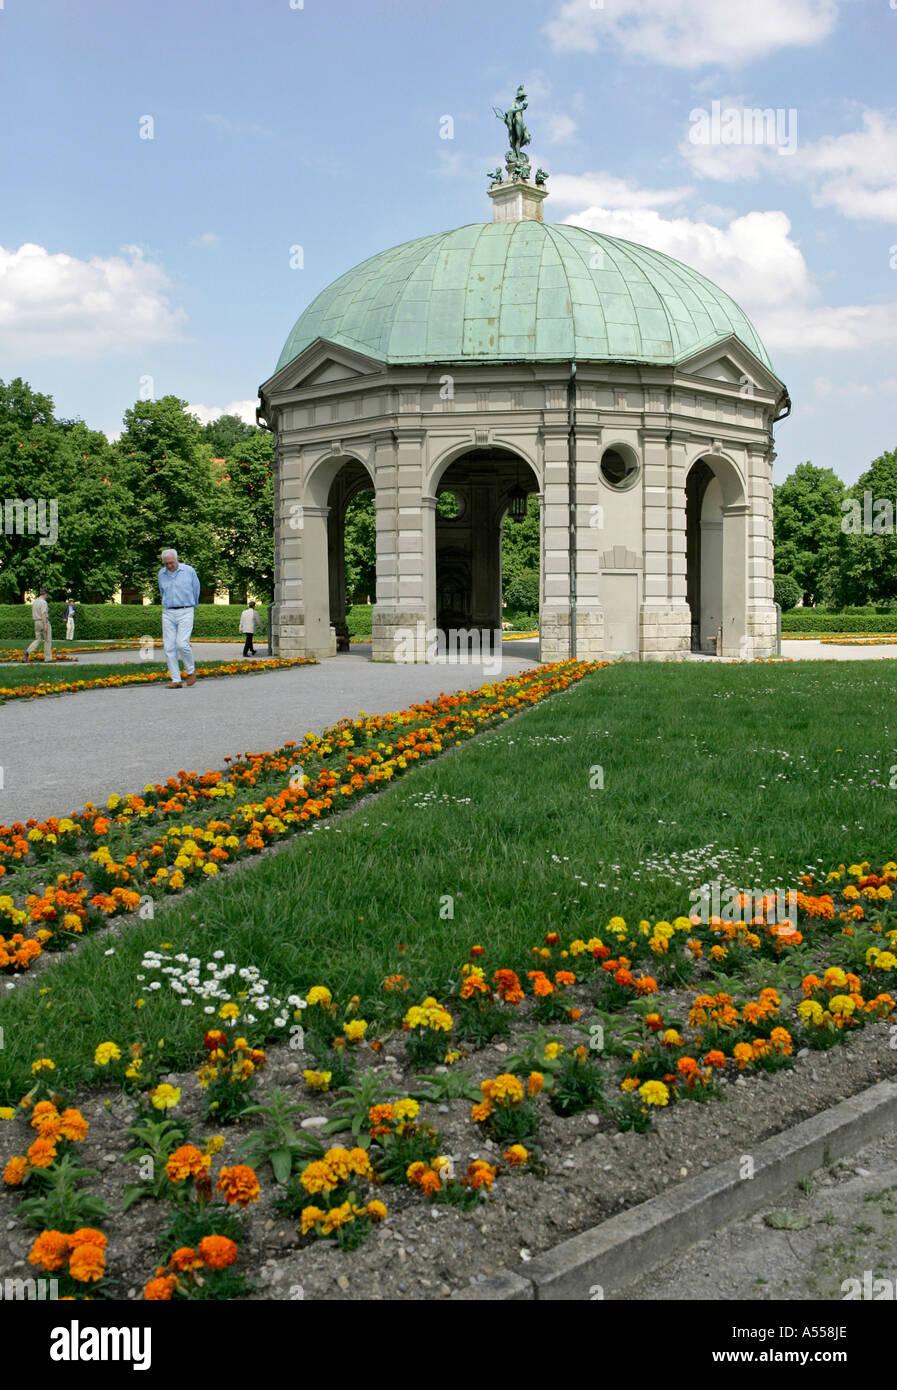 Munich, GER, 01. Jun. 2005 - Temple of Diana in the Munich Hofgarten - Stock Image